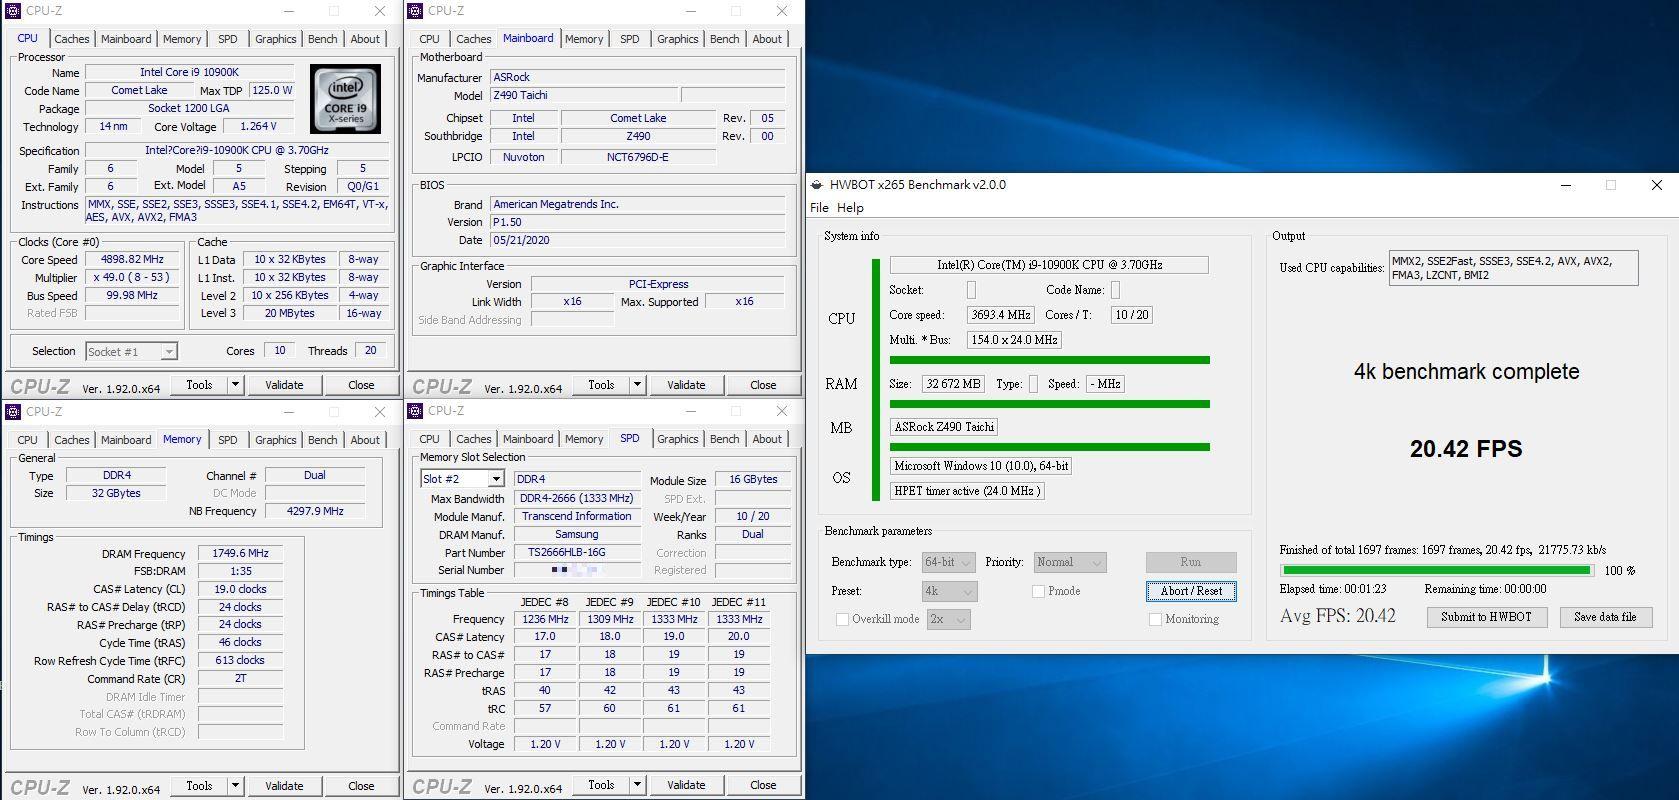 創見Transcend DDR4-2666 16GB記憶體-入手大容量記憶體好選擇,更能滿足超頻小樂趣